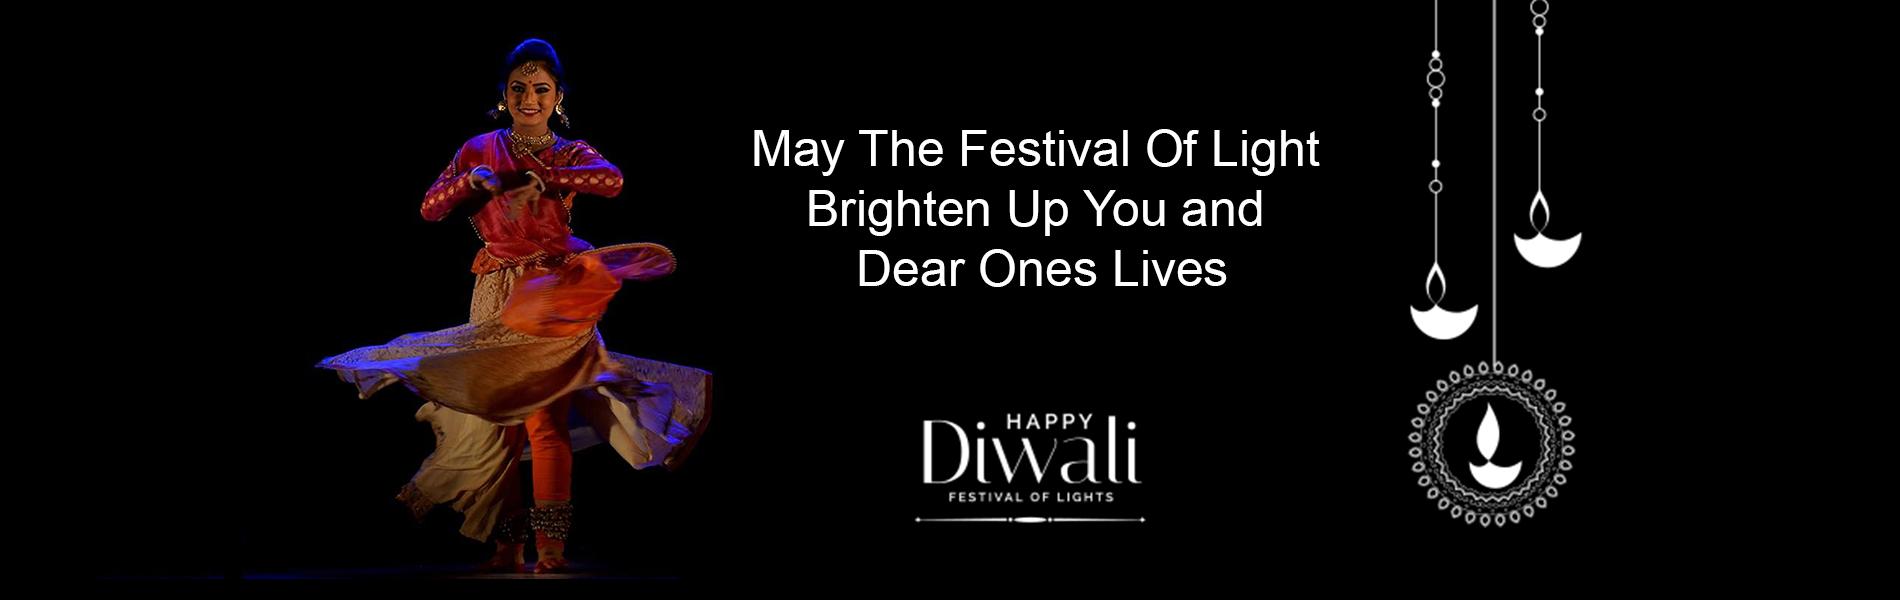 bluenetvista-diwali-banner-1